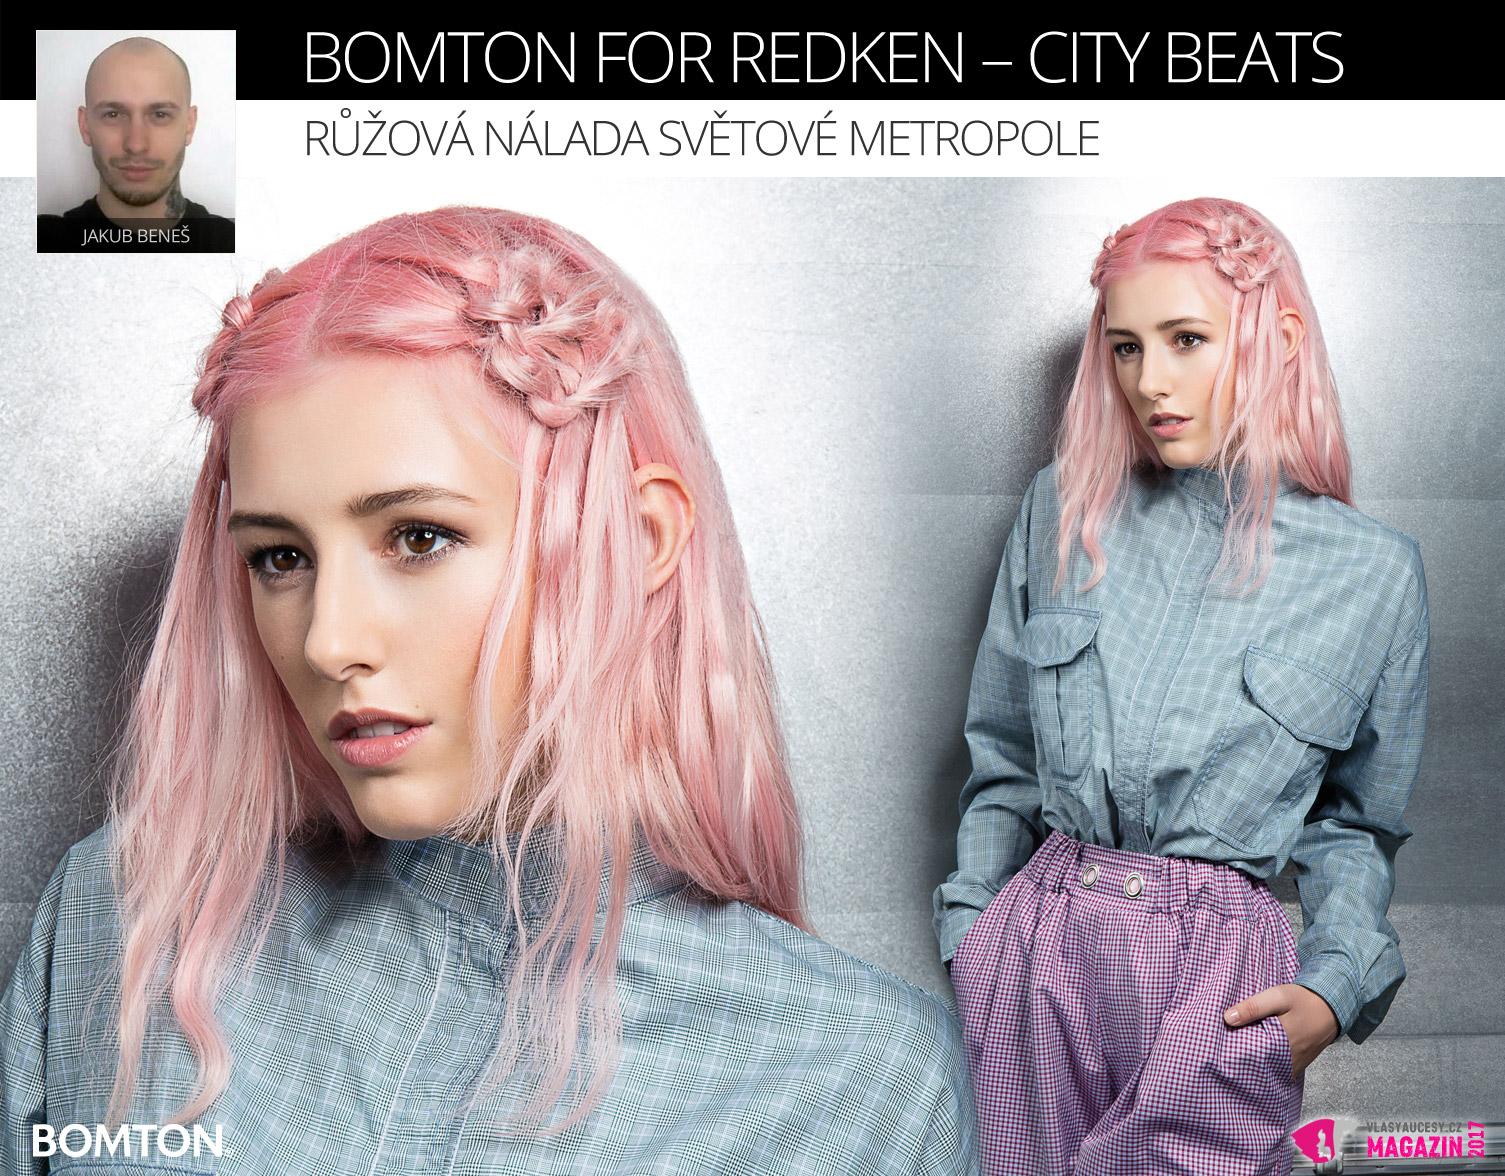 Účes Jakuba Beneše z kolekce Bomton for Redken – City Beats.